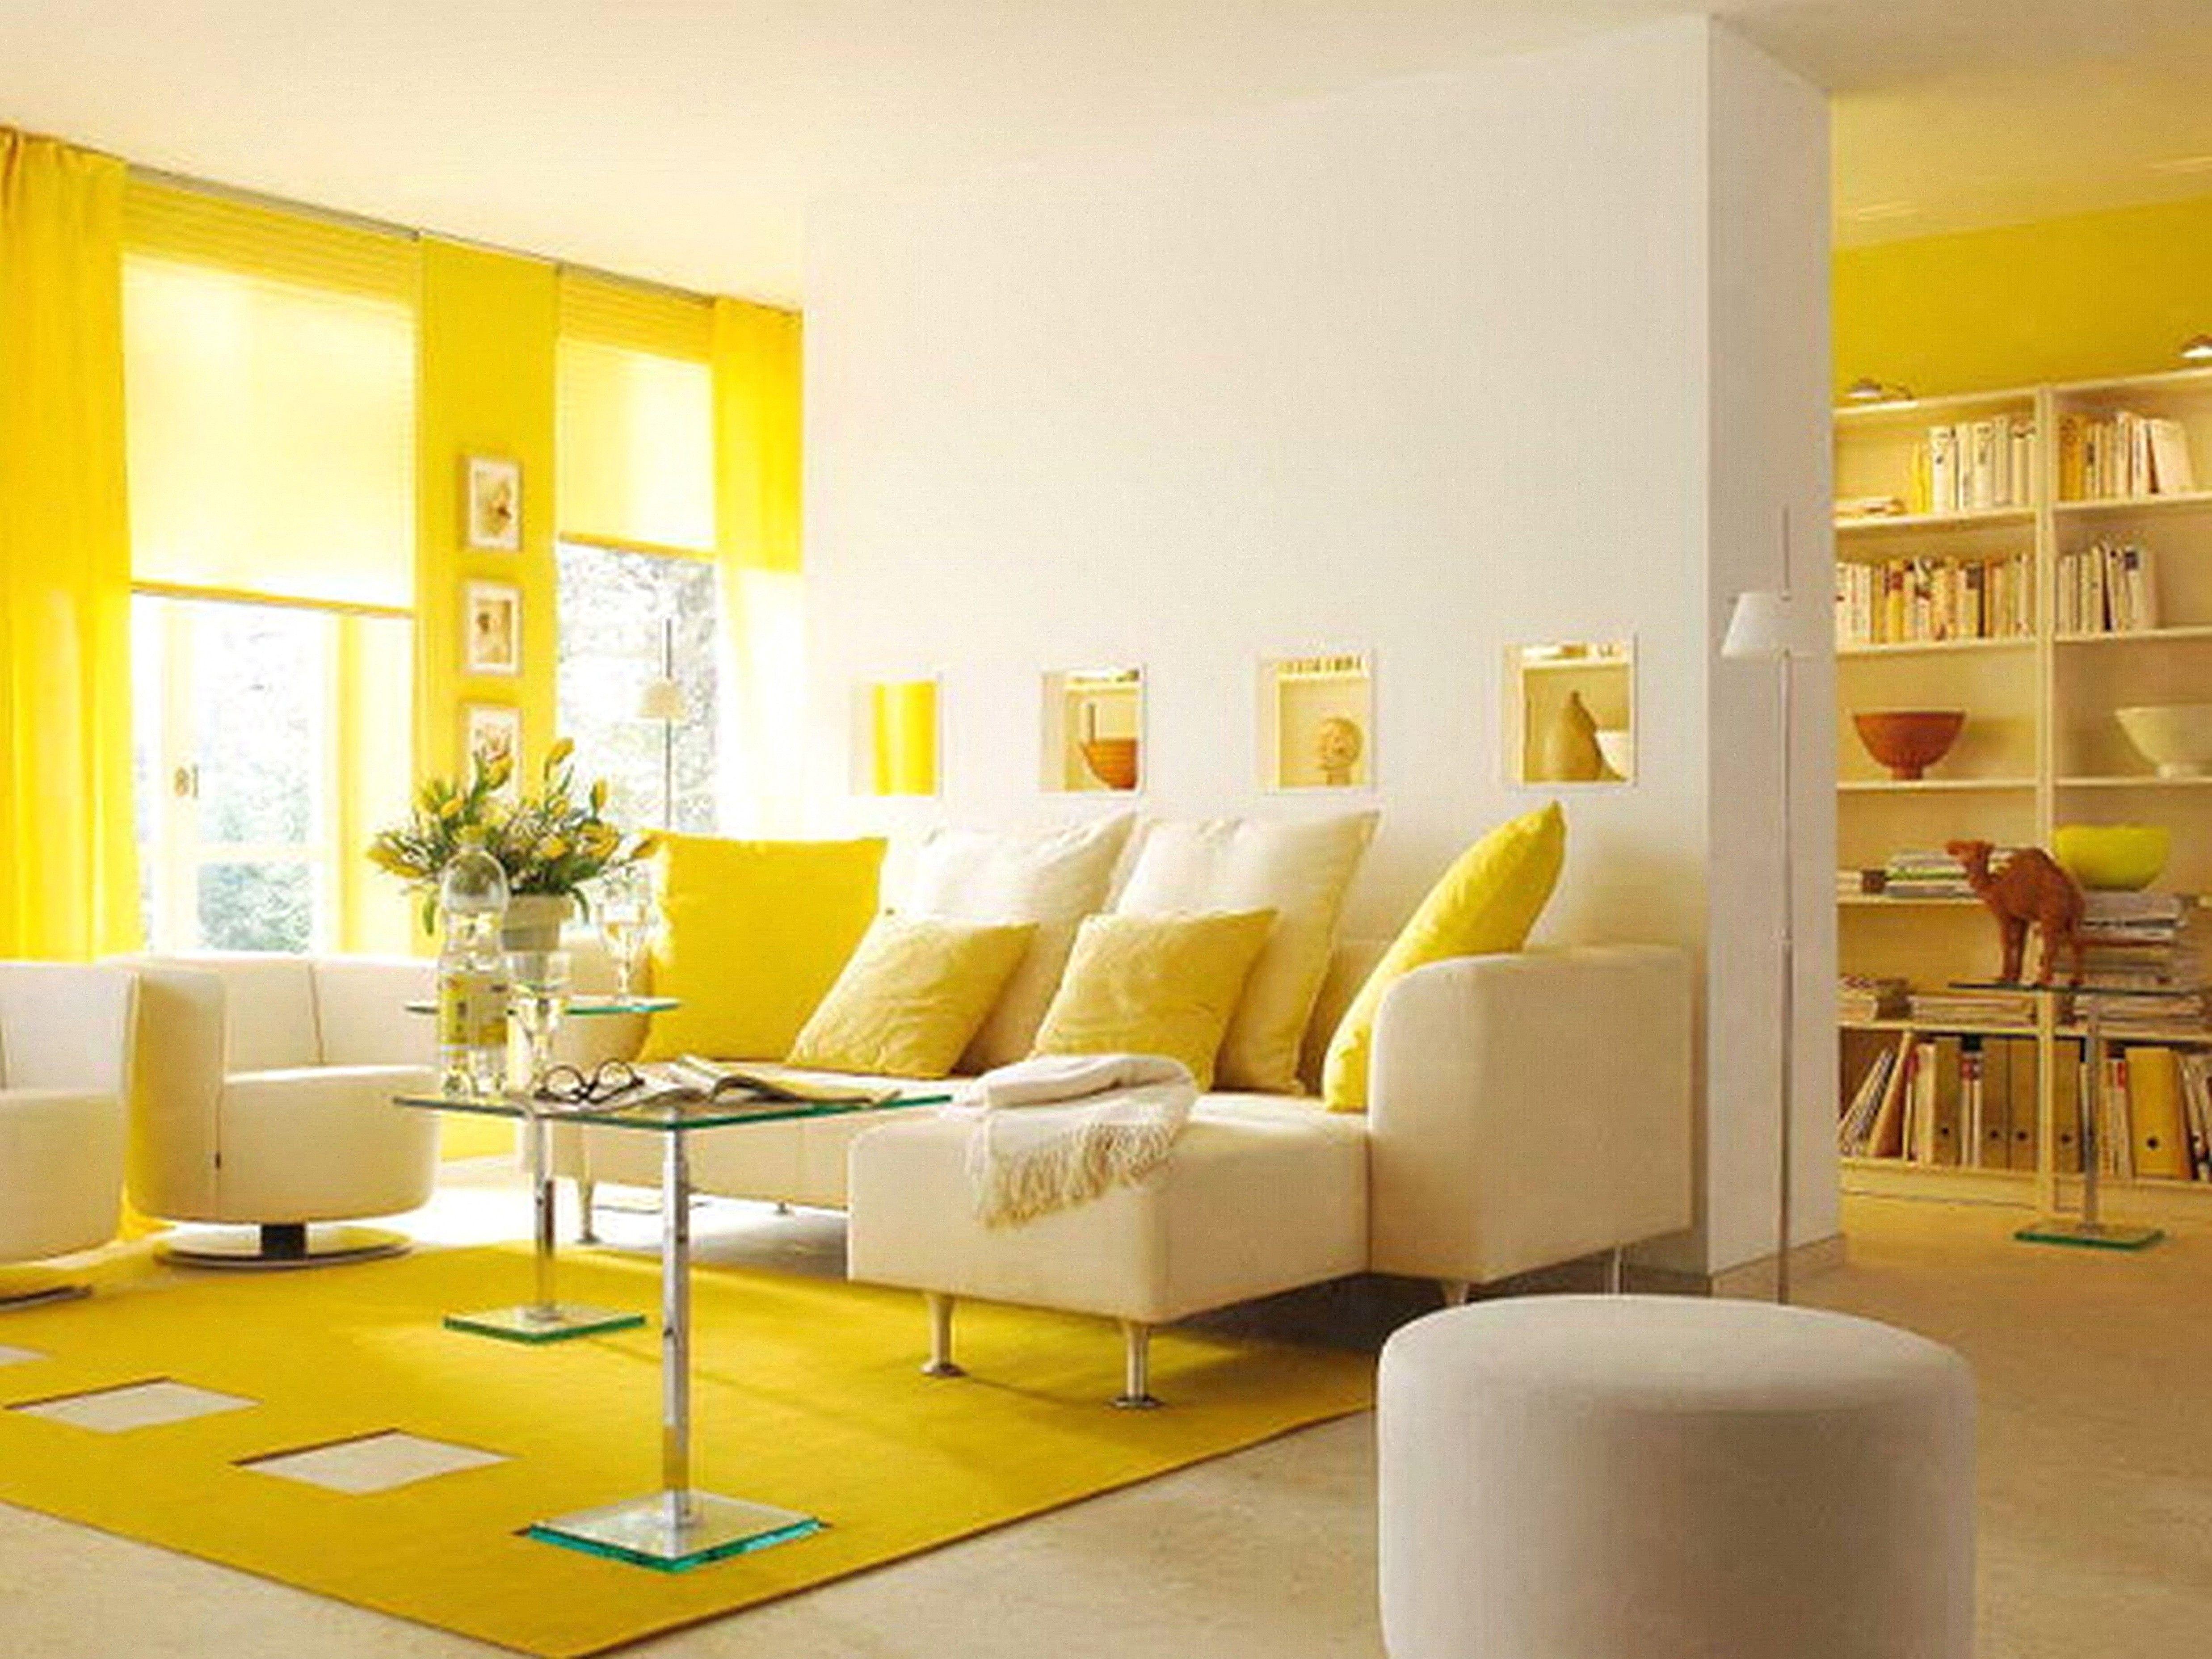 Gelbe Stühle Wohnzimmer - Gelb-Stühle, Wohnzimmer – Trends im